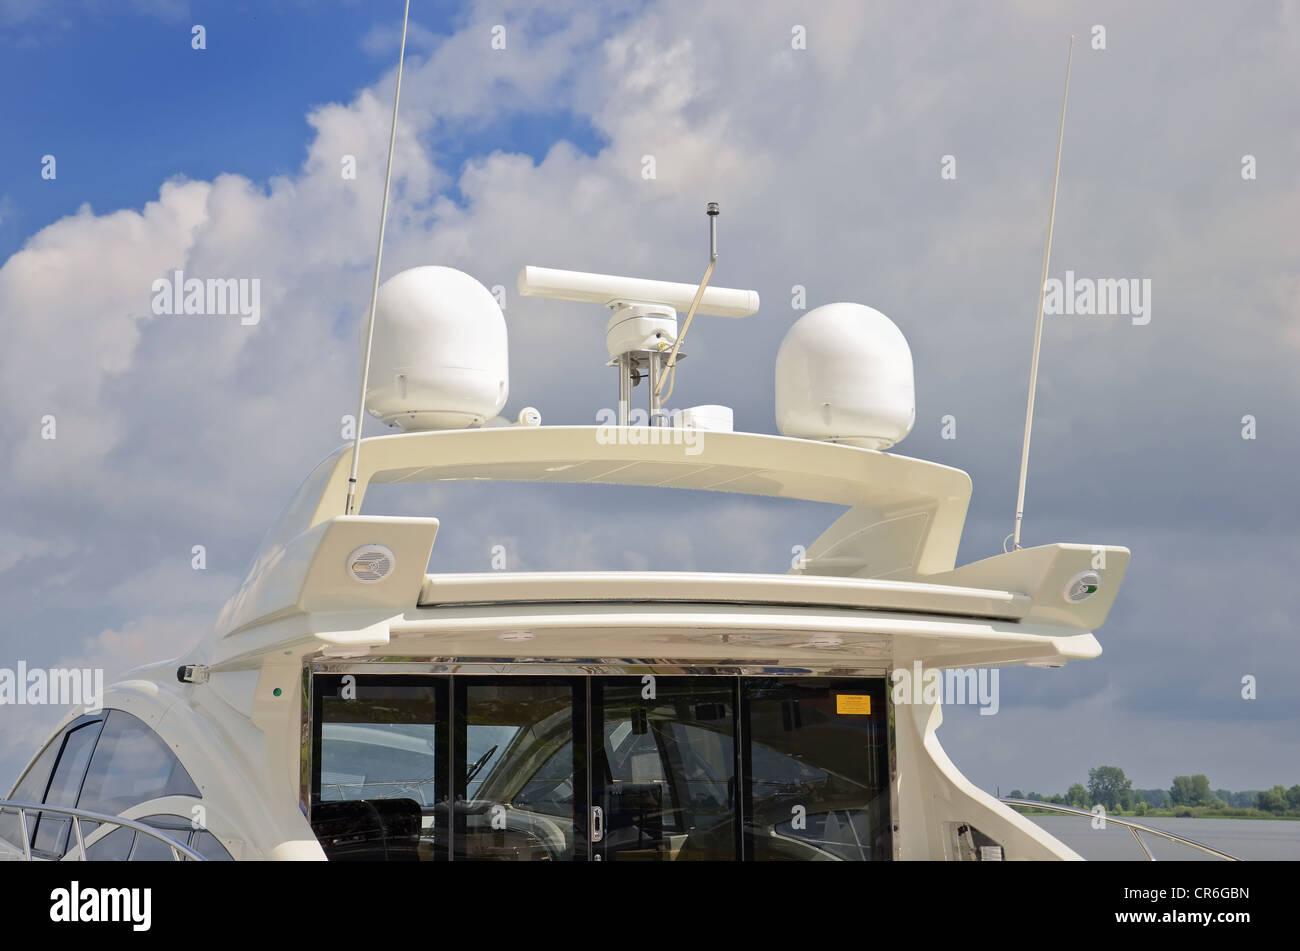 Marine communication radar antenna system on luxury boat - Stock Image